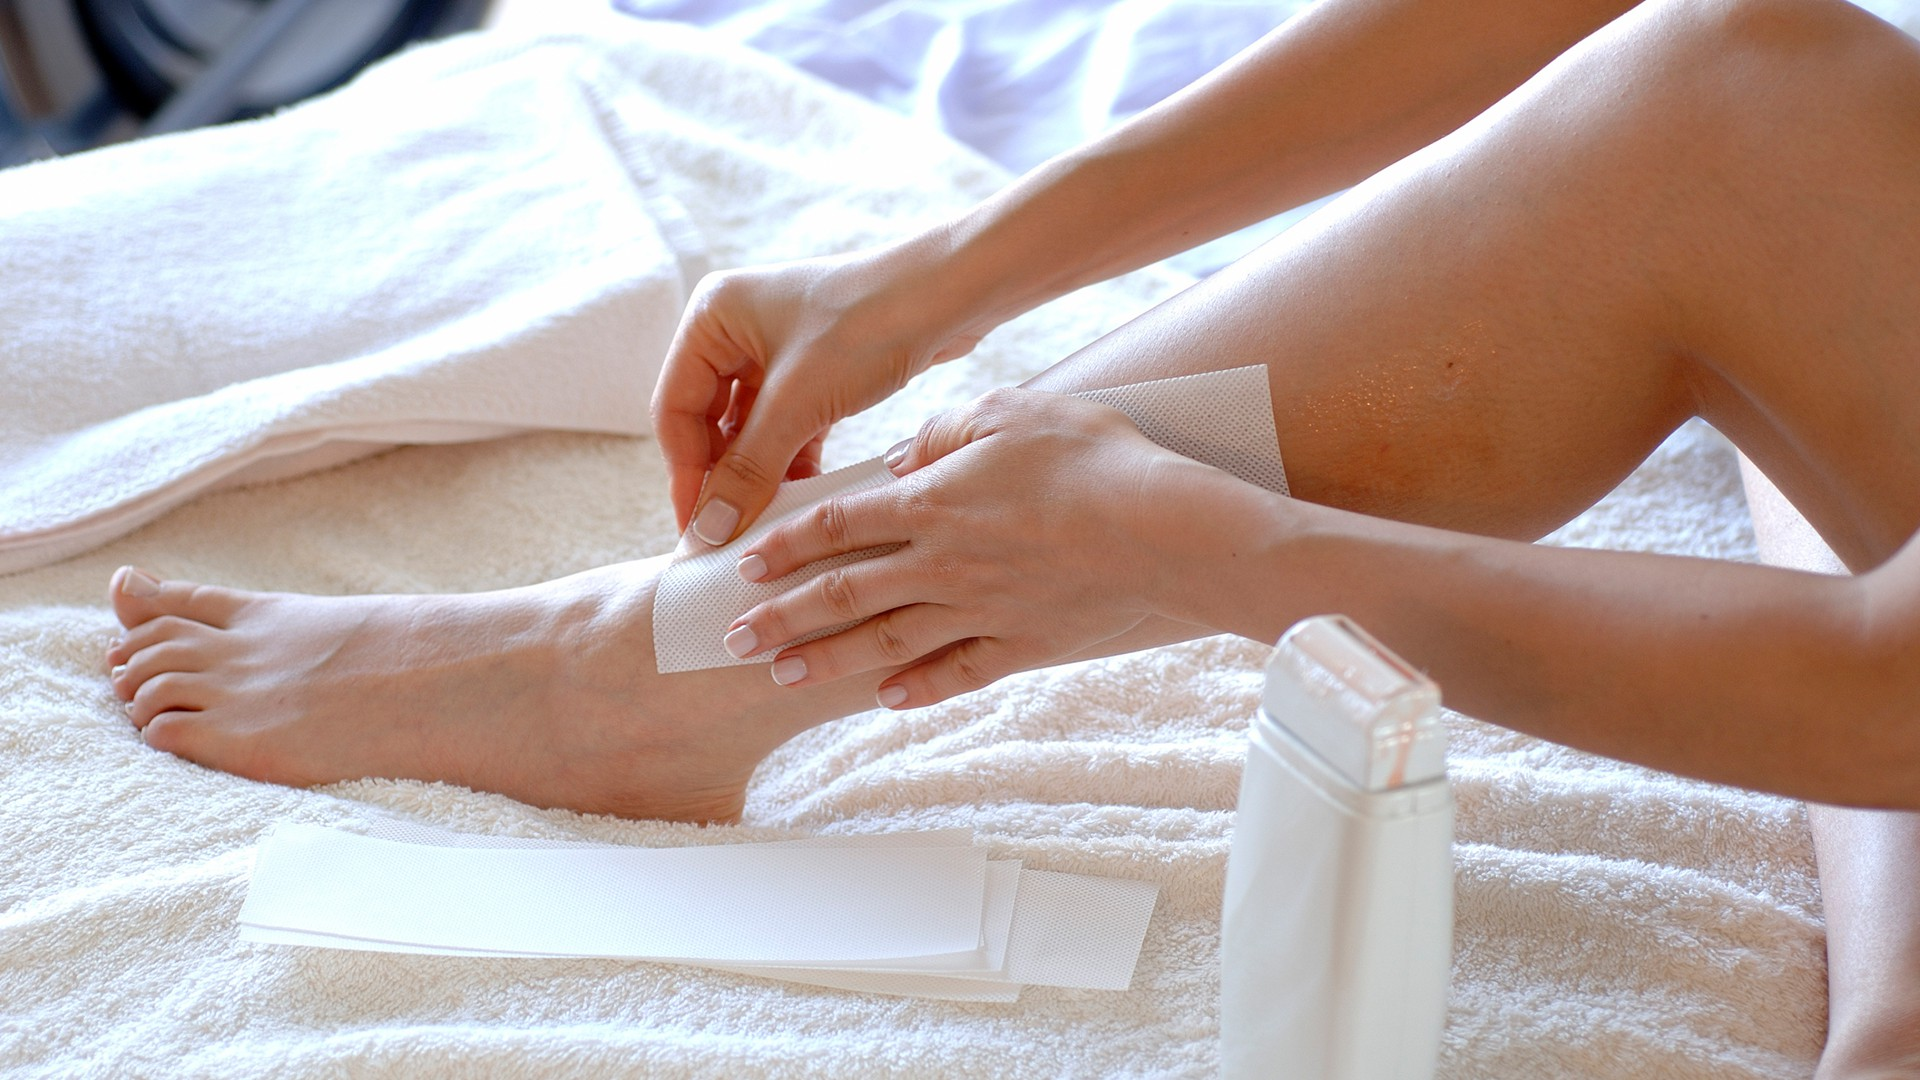 7 điều quan trọng mà ai cũng cần nắm rõ trước khi có ý định wax lông tại nhà - Ảnh 2.